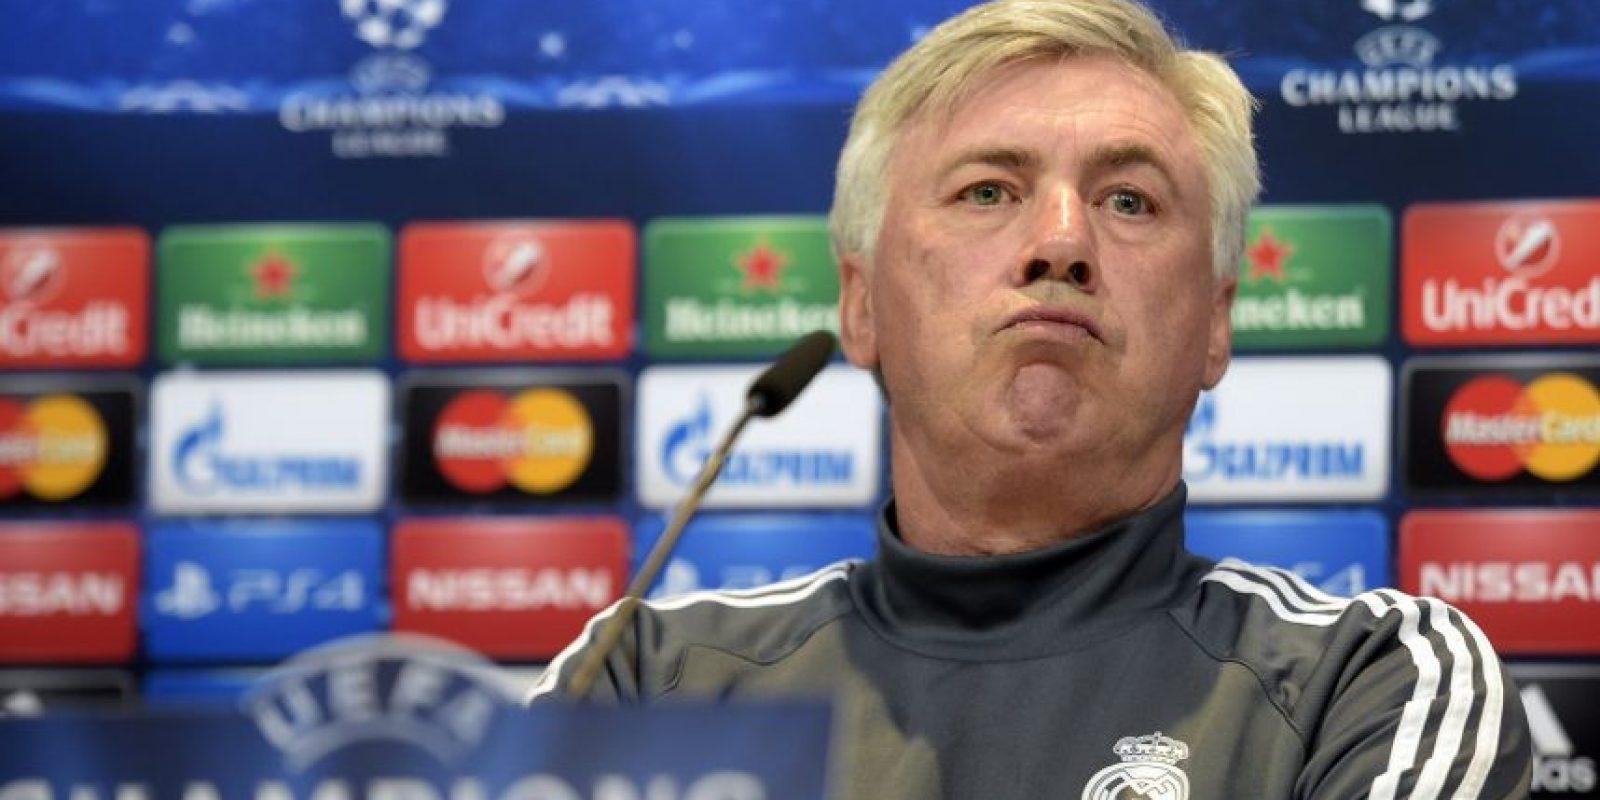 Carlo Ancelotti tendrá que mejorar mucho su equipo para poder recuperar la confianza en el Real Madrid. Foto:AFP